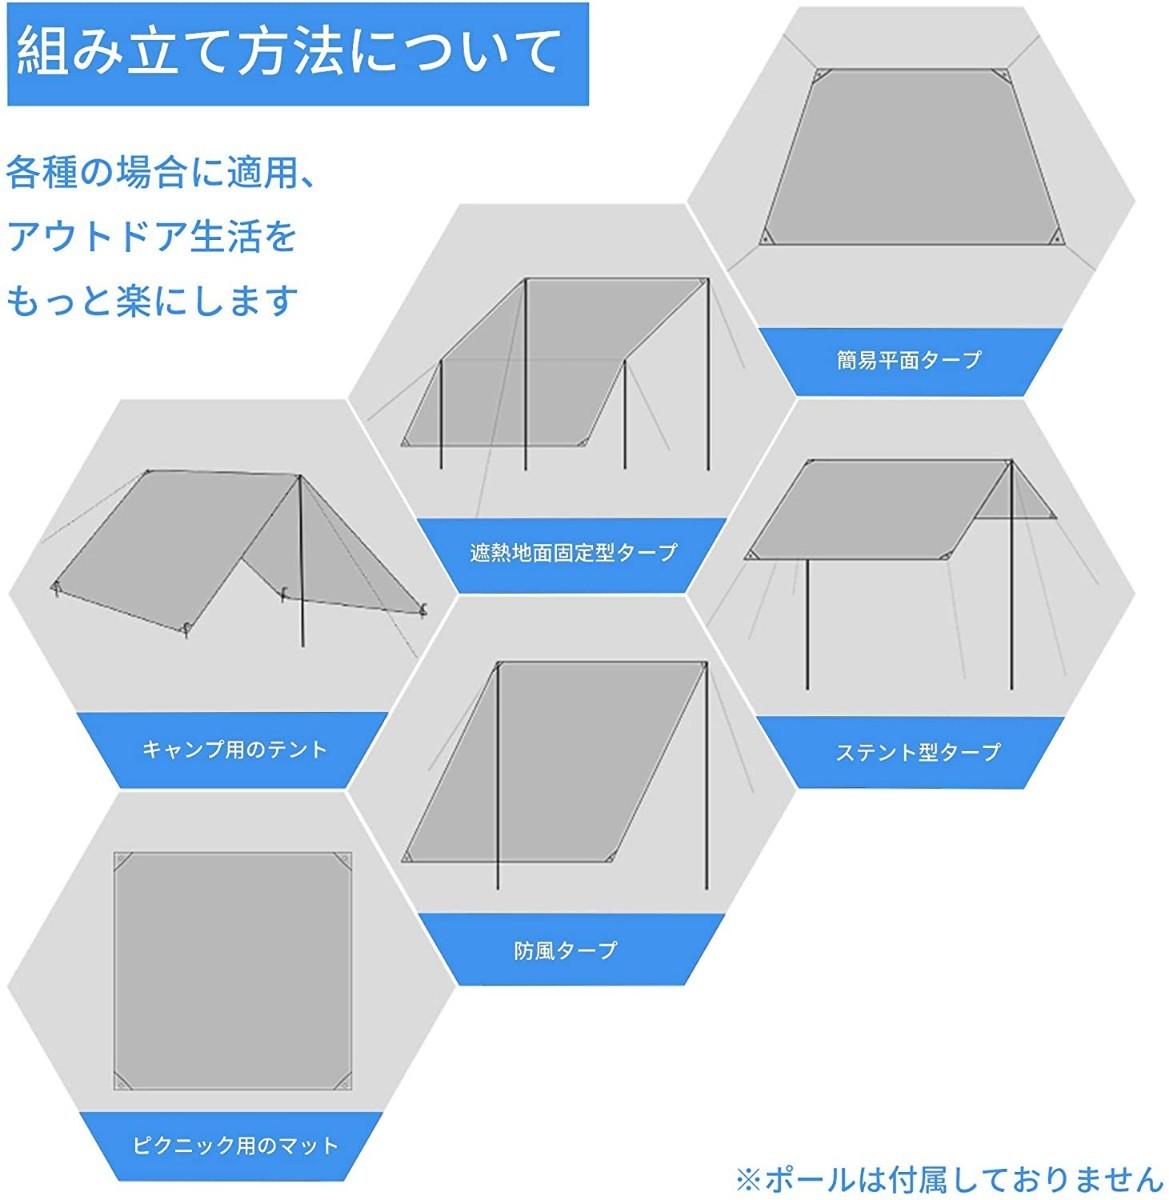 【防水 タープ】【超軽量】【遮熱性/耐水性】【アウトドア】【持ち運び便利】